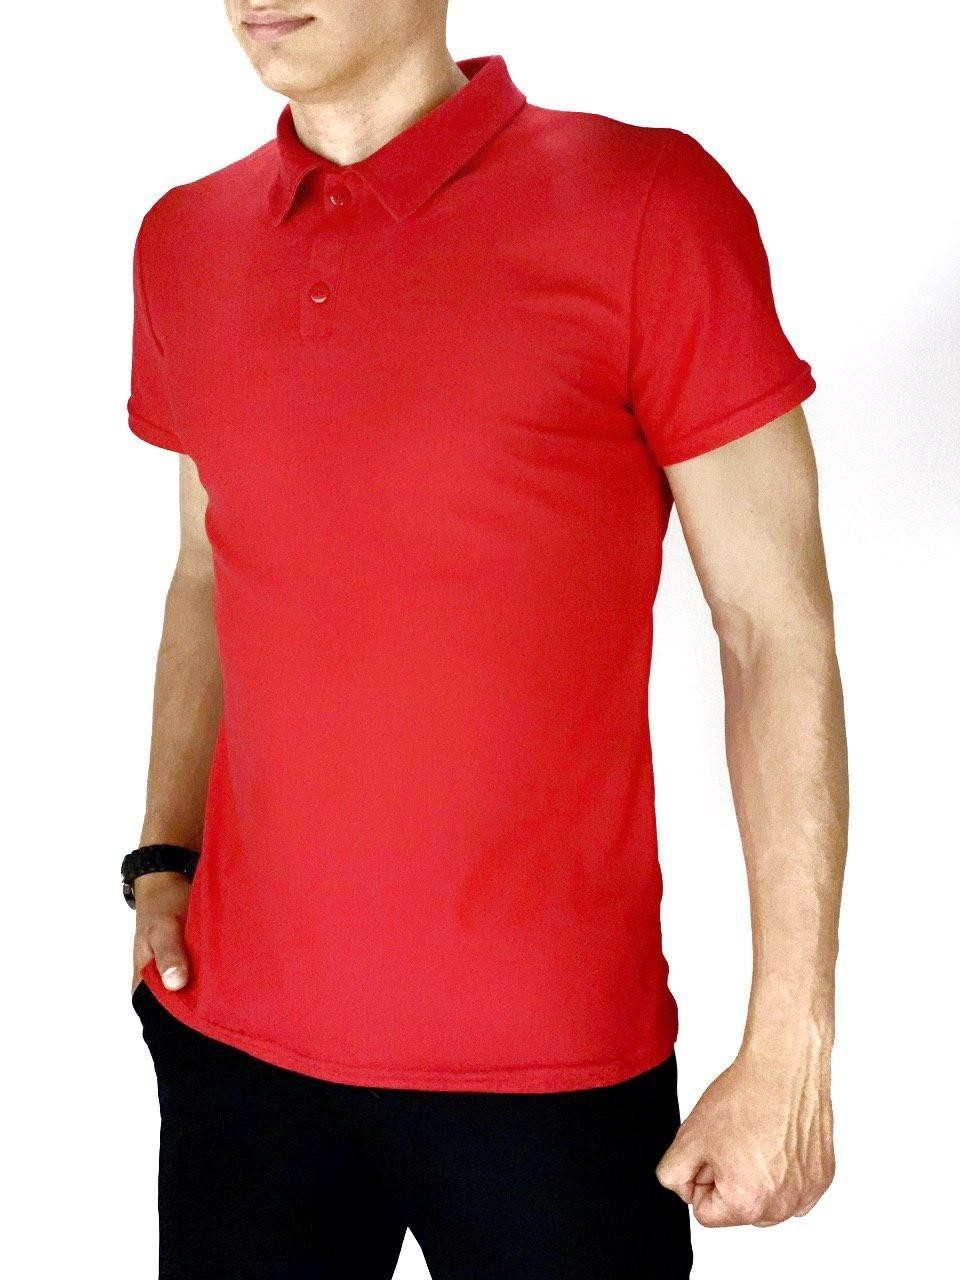 Мужская футболка поло Intruder LaCosta красная